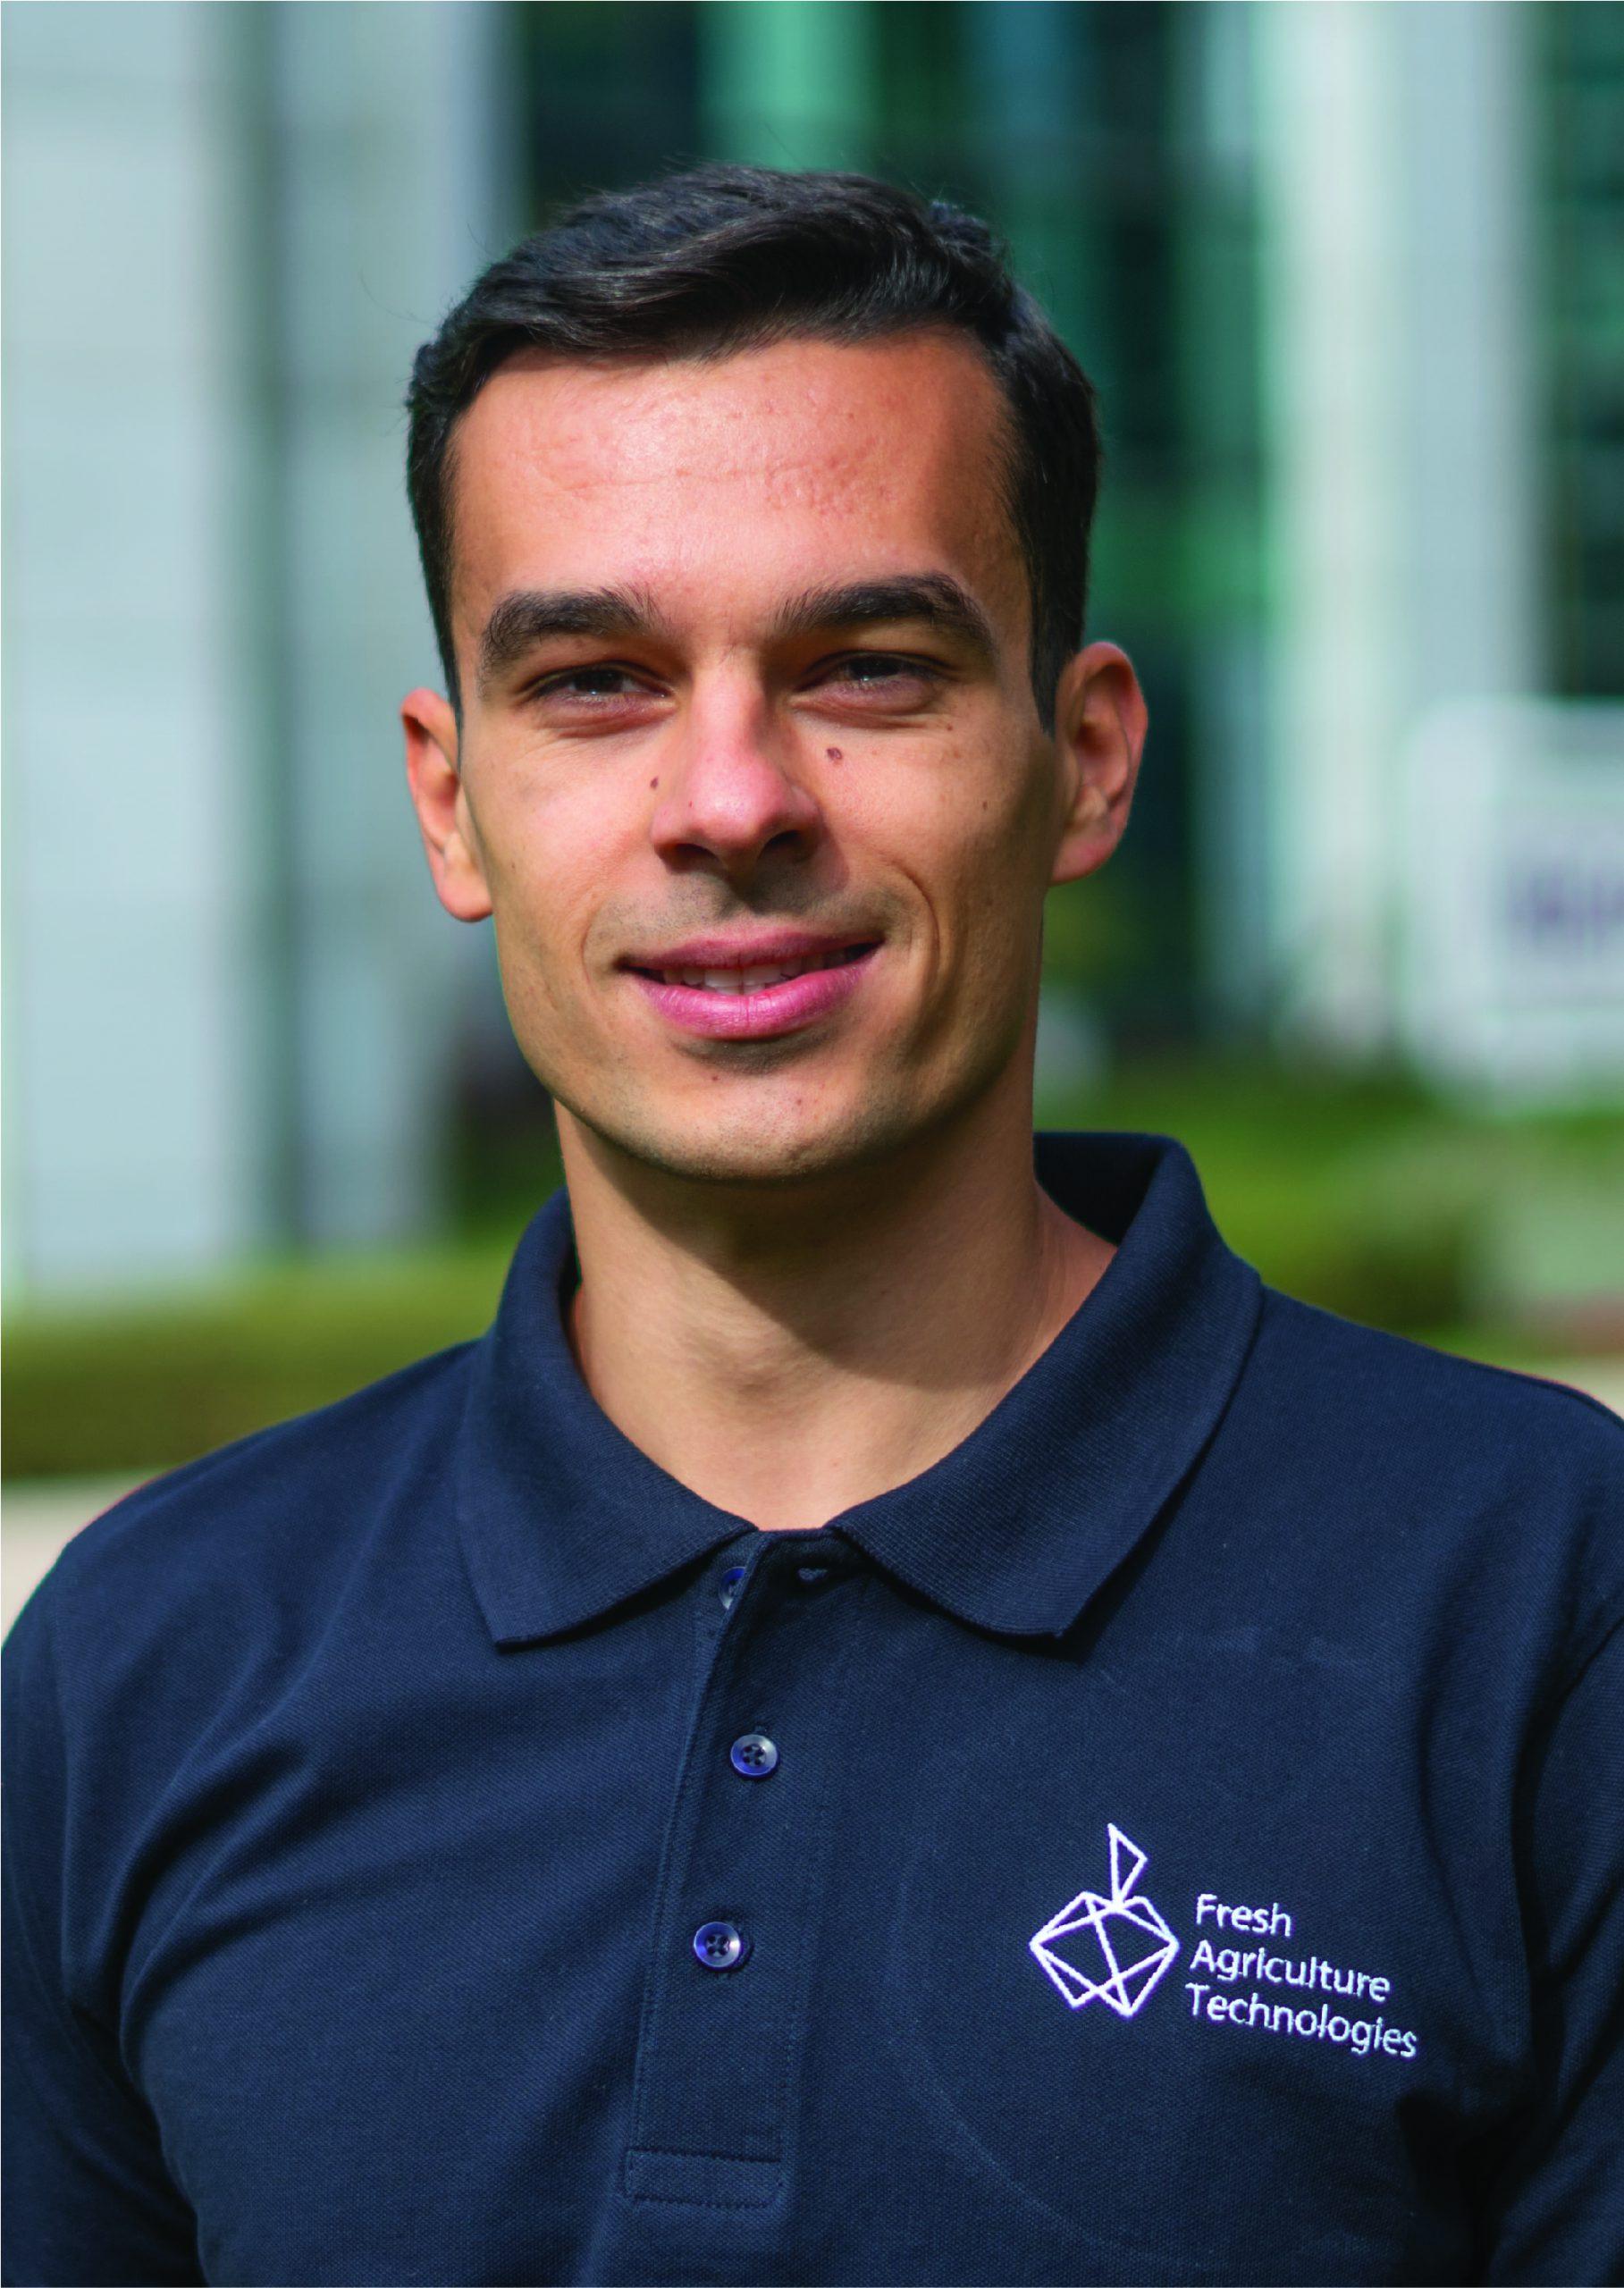 Milos Zinajic, CTO